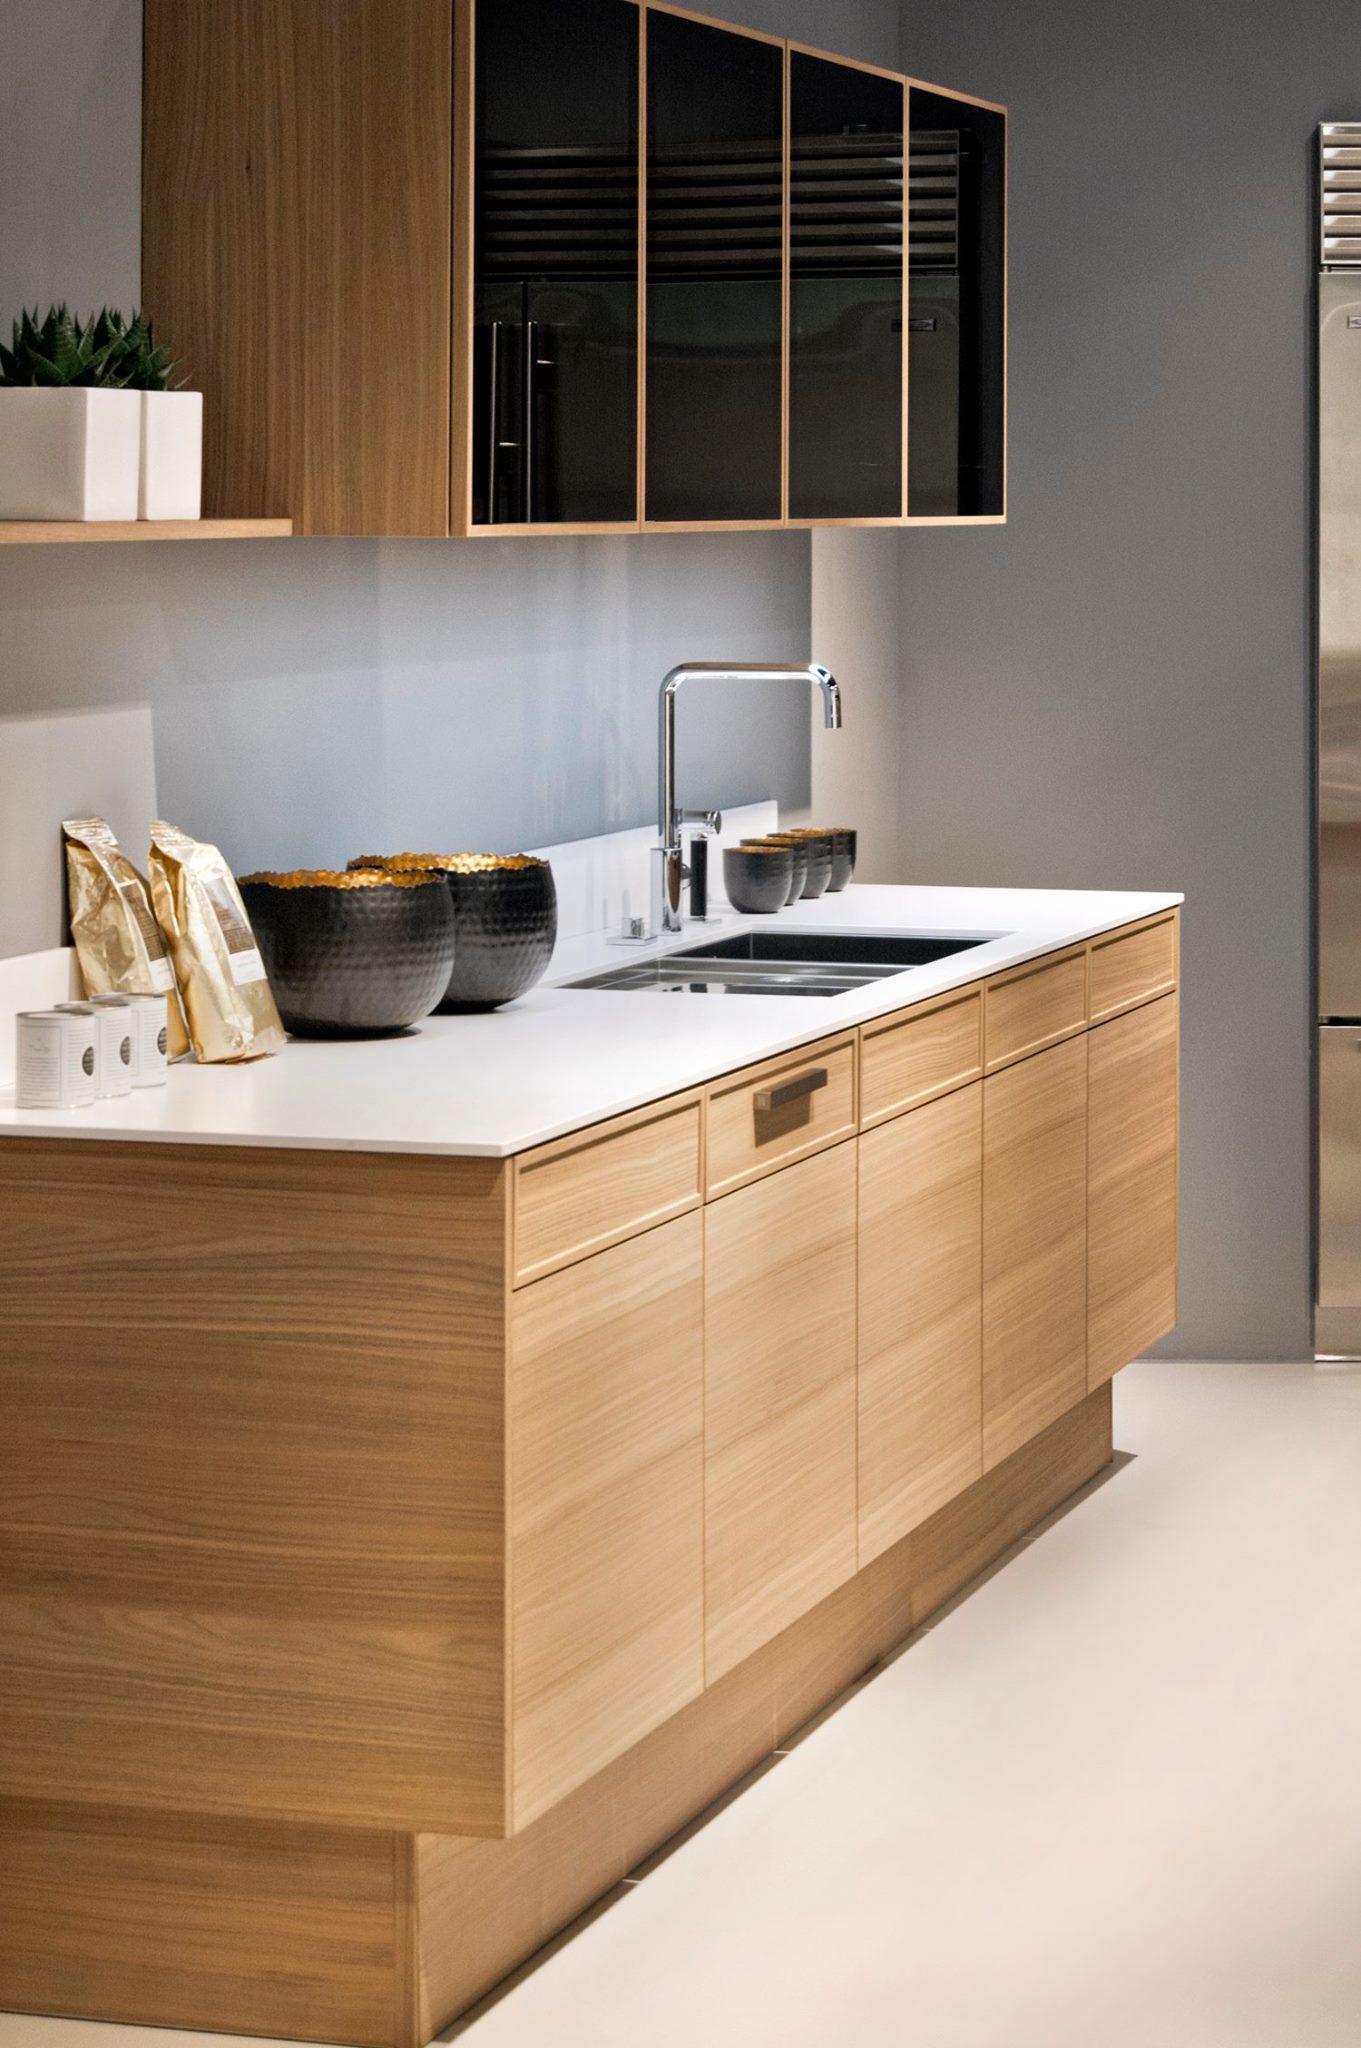 Design keukens van poggenpohl op maat gemaakt nieuws startpagina voor keuken idee n uw for Design keukens